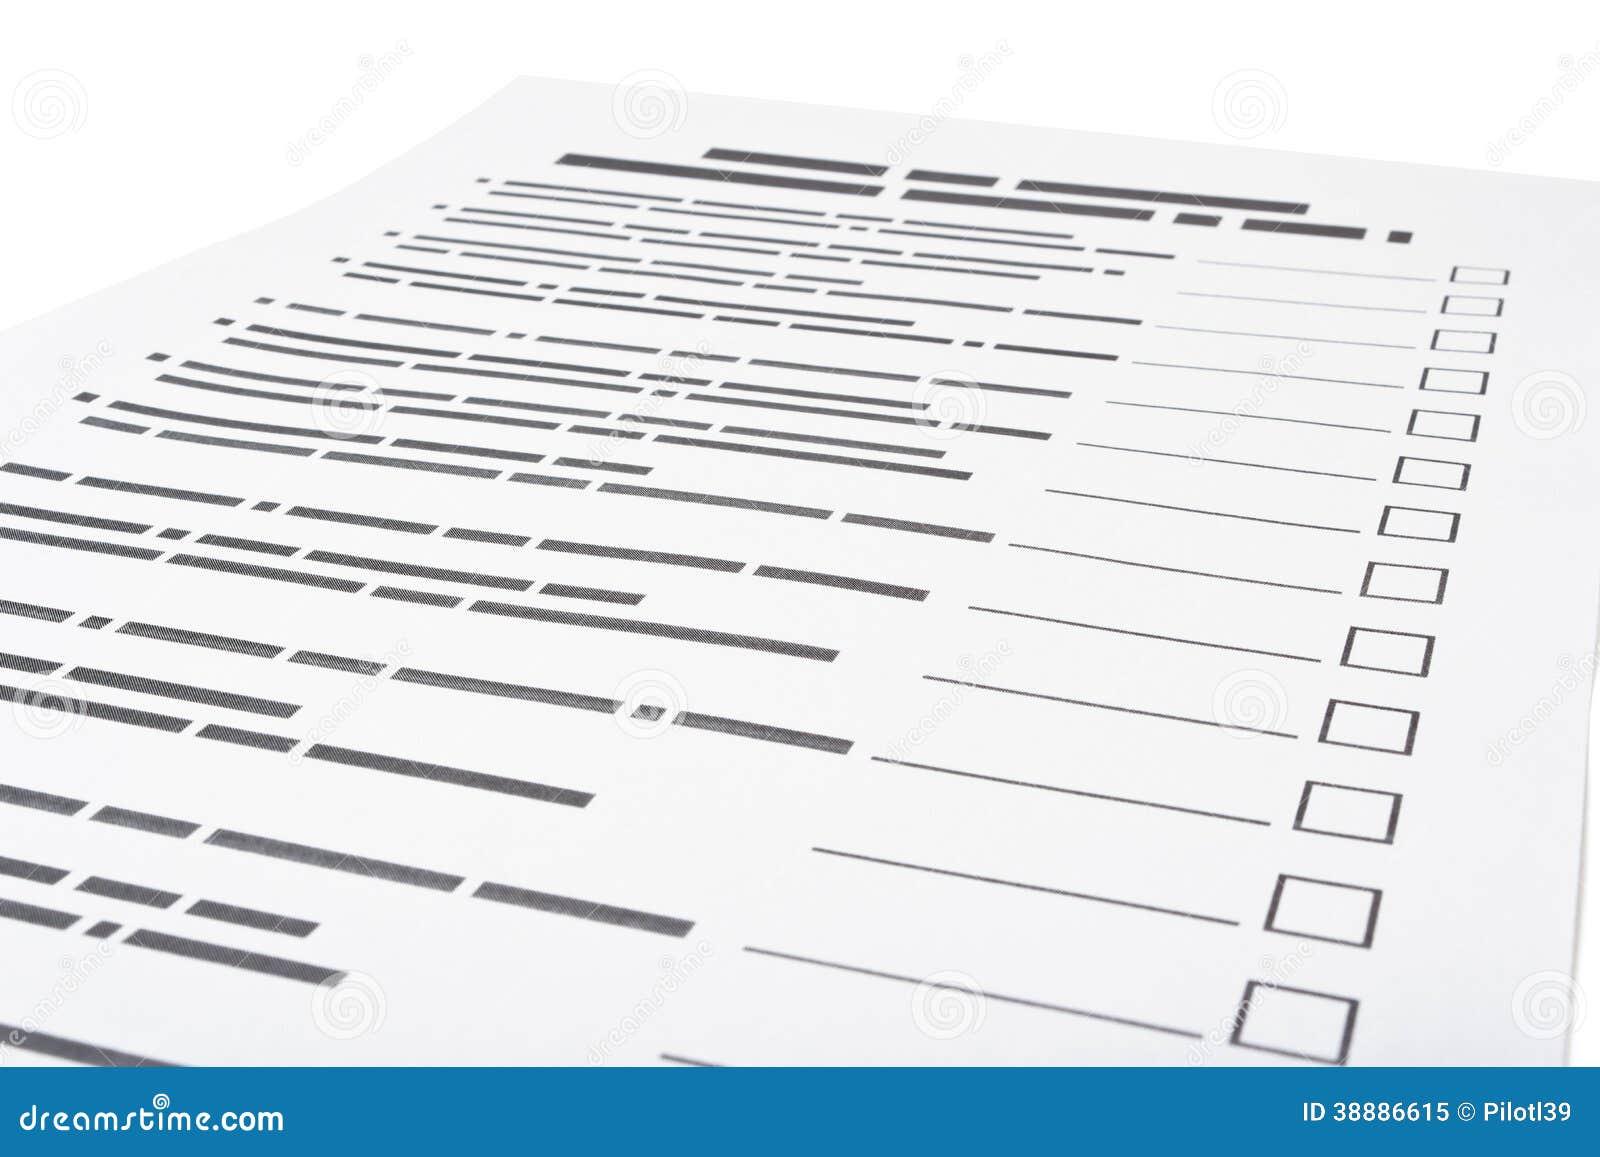 Dejting frågeformulär frågesport med svar